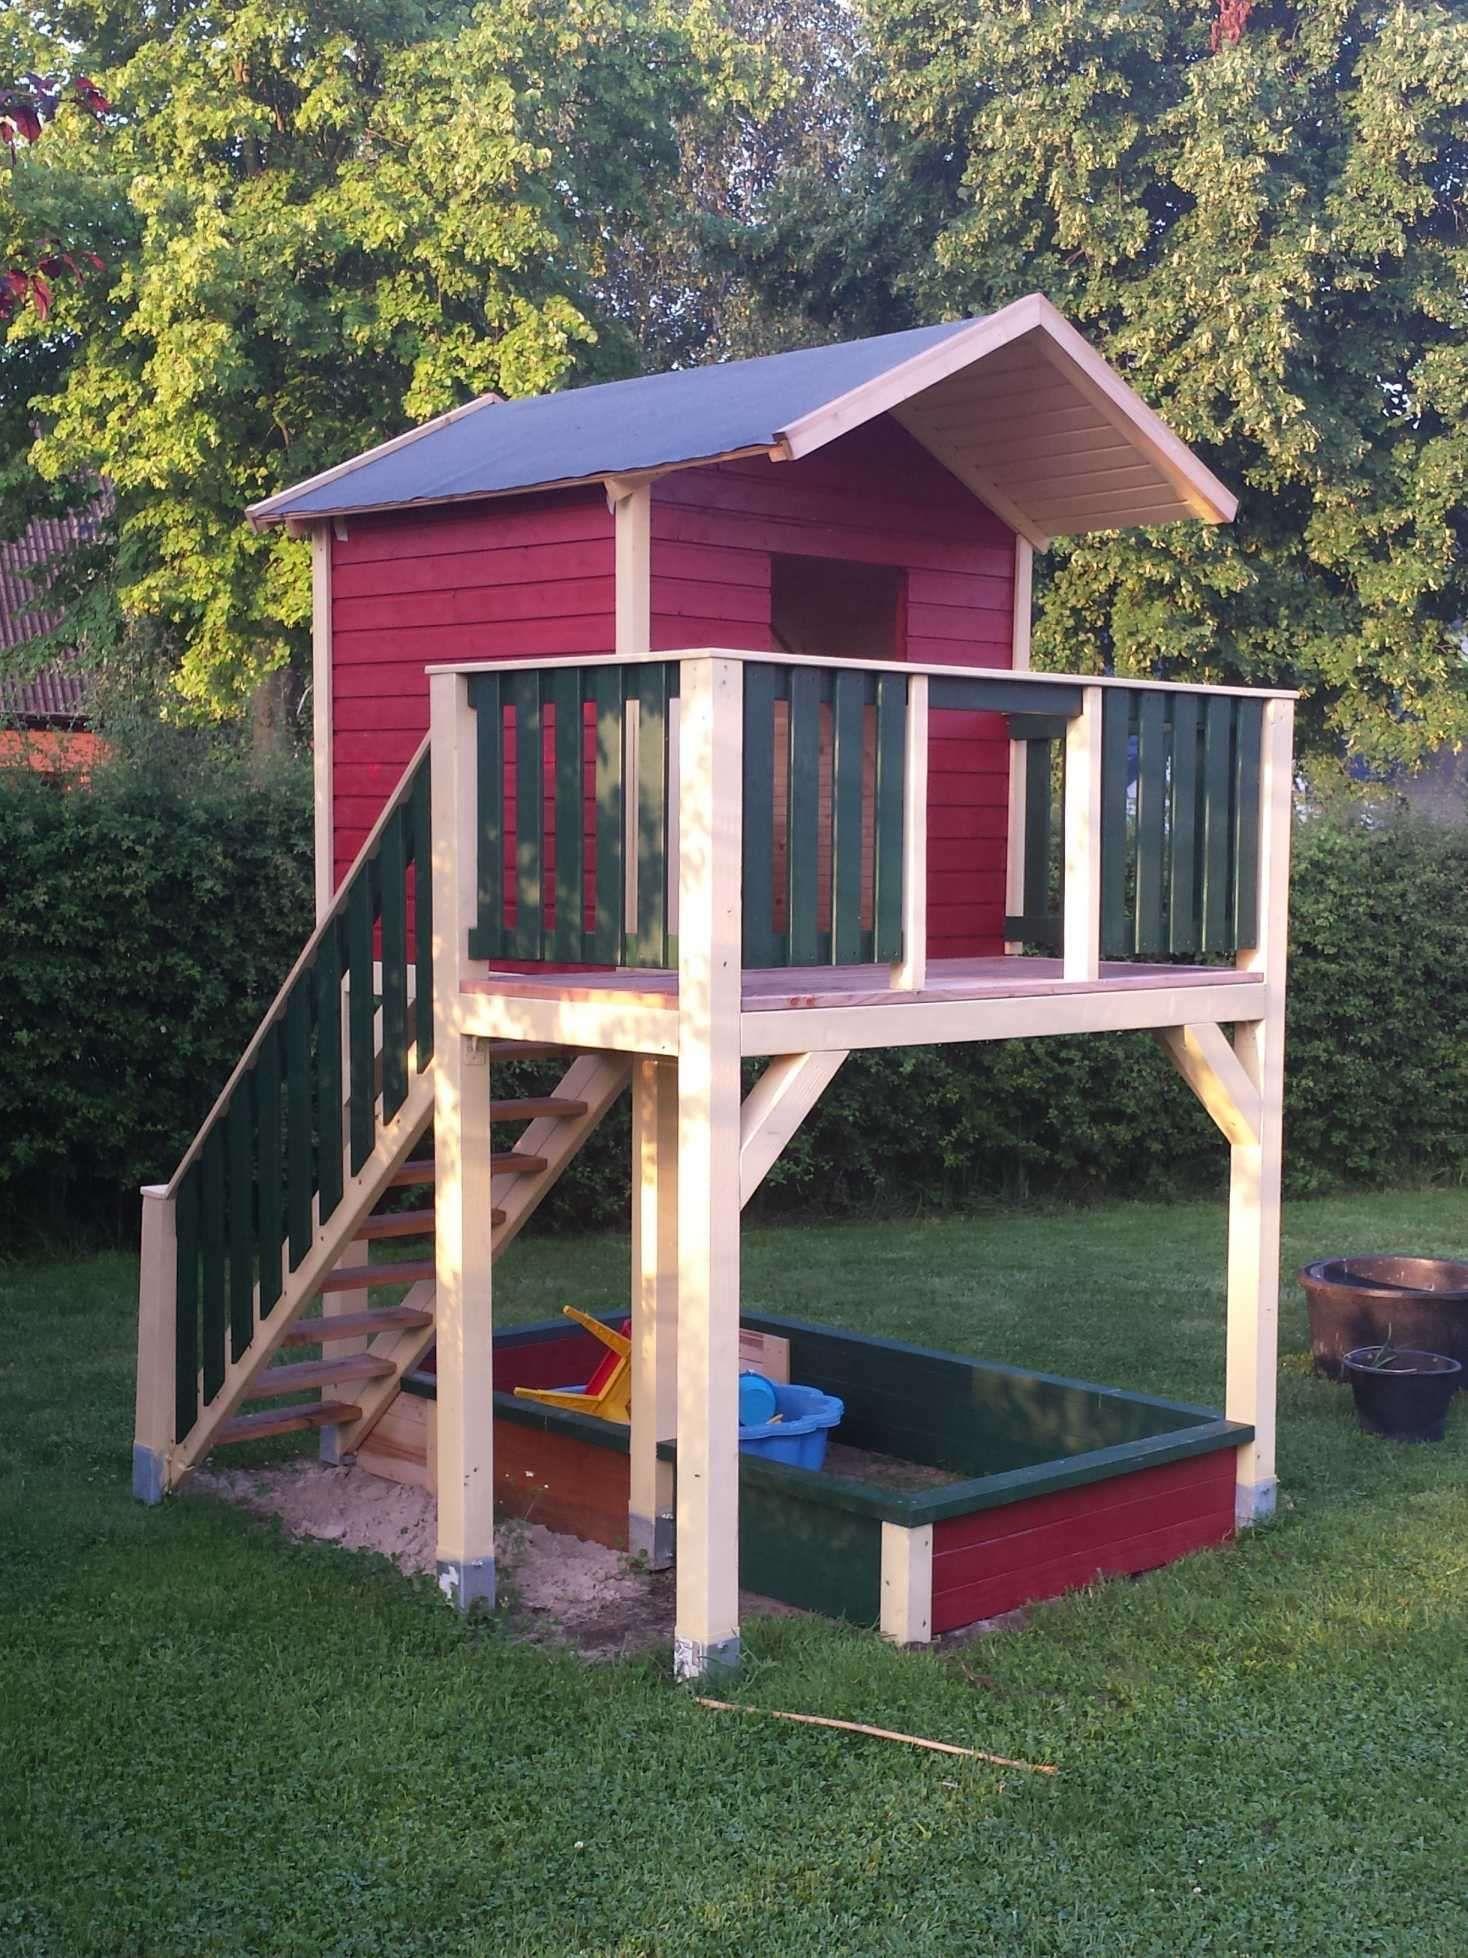 34 Das Beste Von Kinderspielhaus Holz Garten Kinder Spielhaus Garten Spielhaus Garten Spielturm Garten